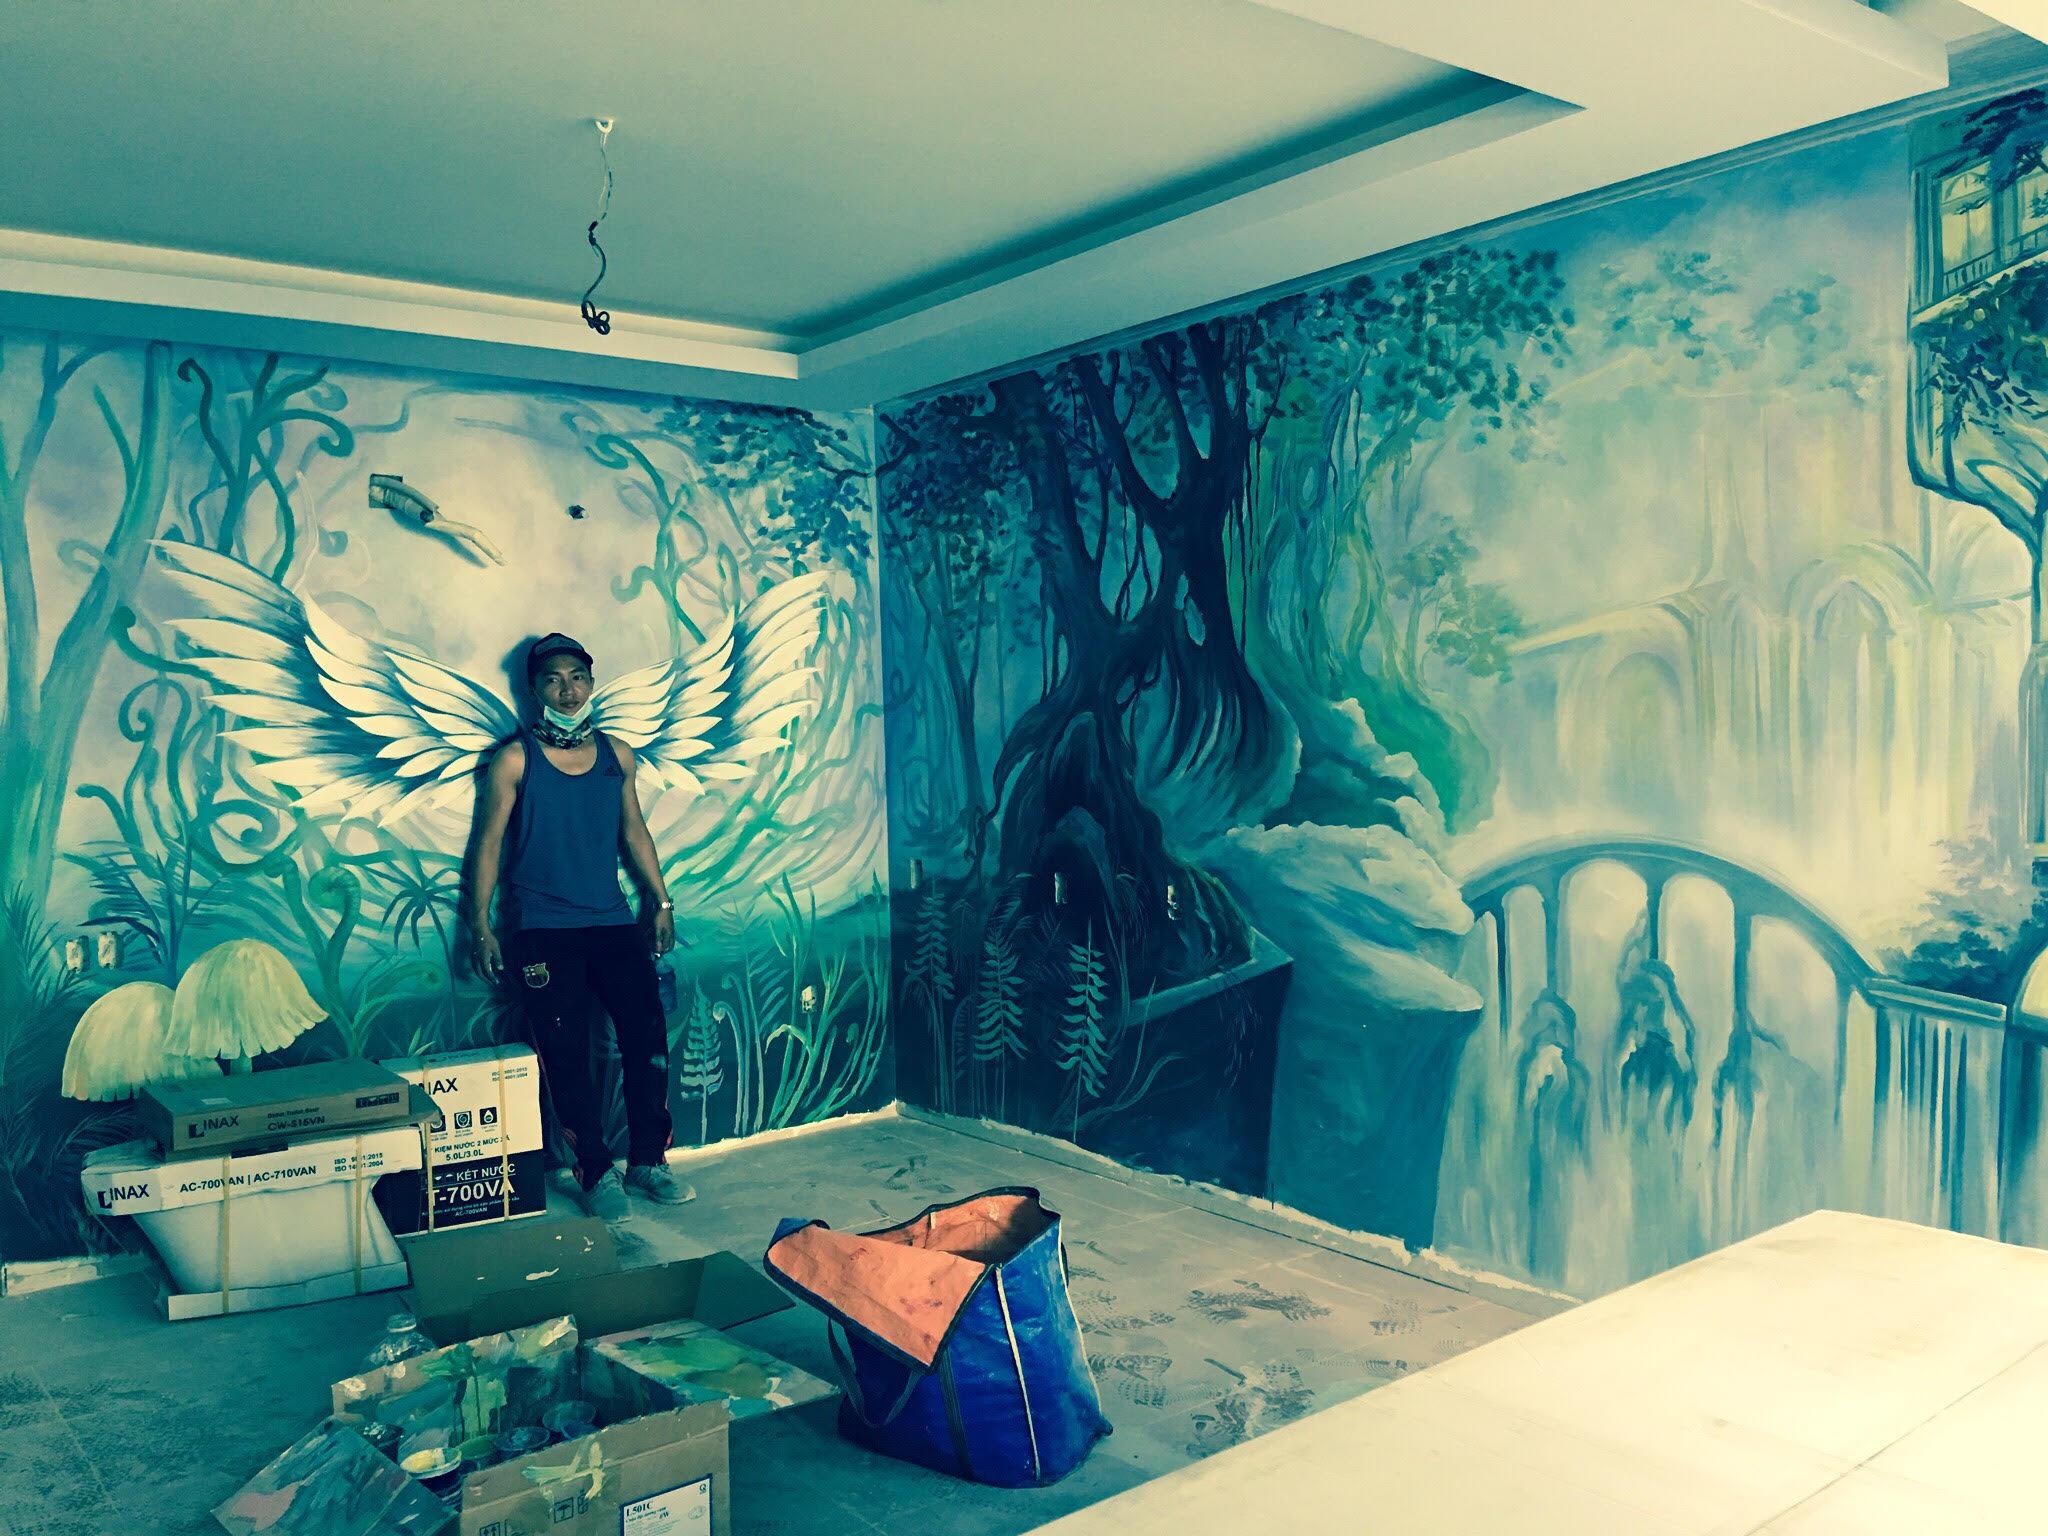 vẽ tranh tường cho nhà hàng khách sạn 10 - Vẽ tranh tường cho nhà hàng, khách sạn